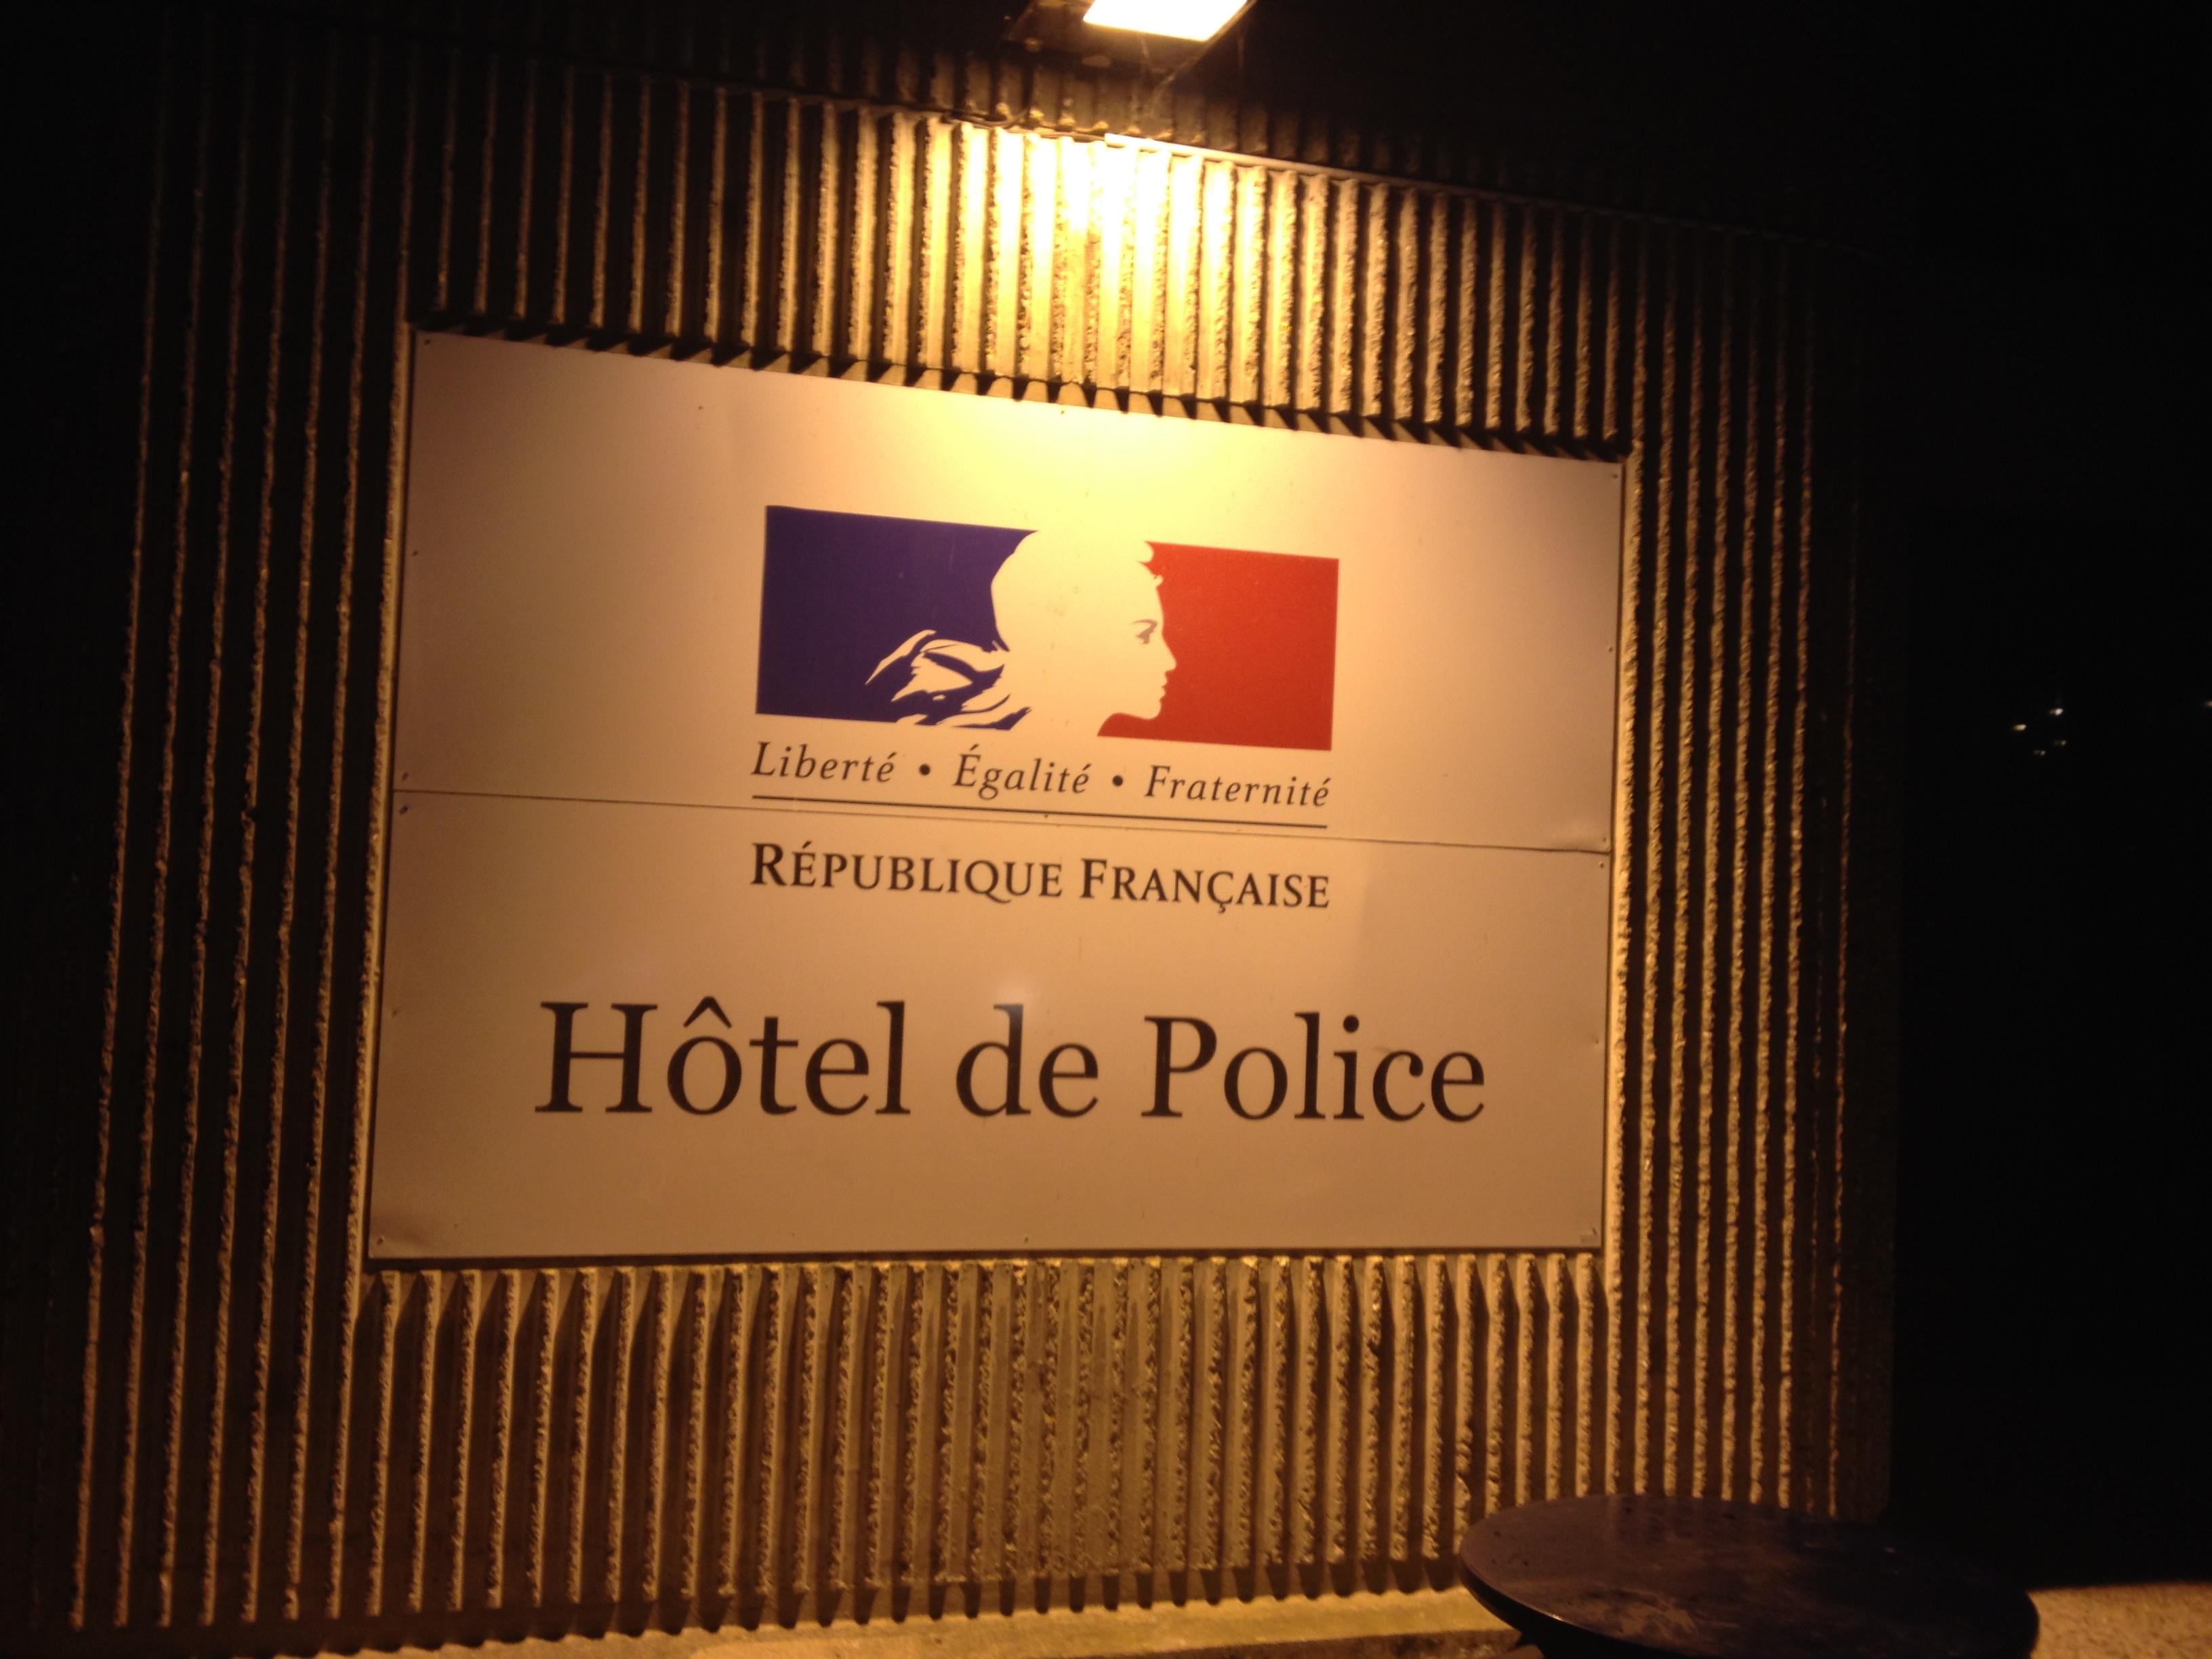 Le chauffard a été placé en garde à vue à l'hôtel de police de Rouen pour refus d'obtempérer, conduite sans permis et sous l'empire d'un état alcoolique (illustration © infoNormandie)